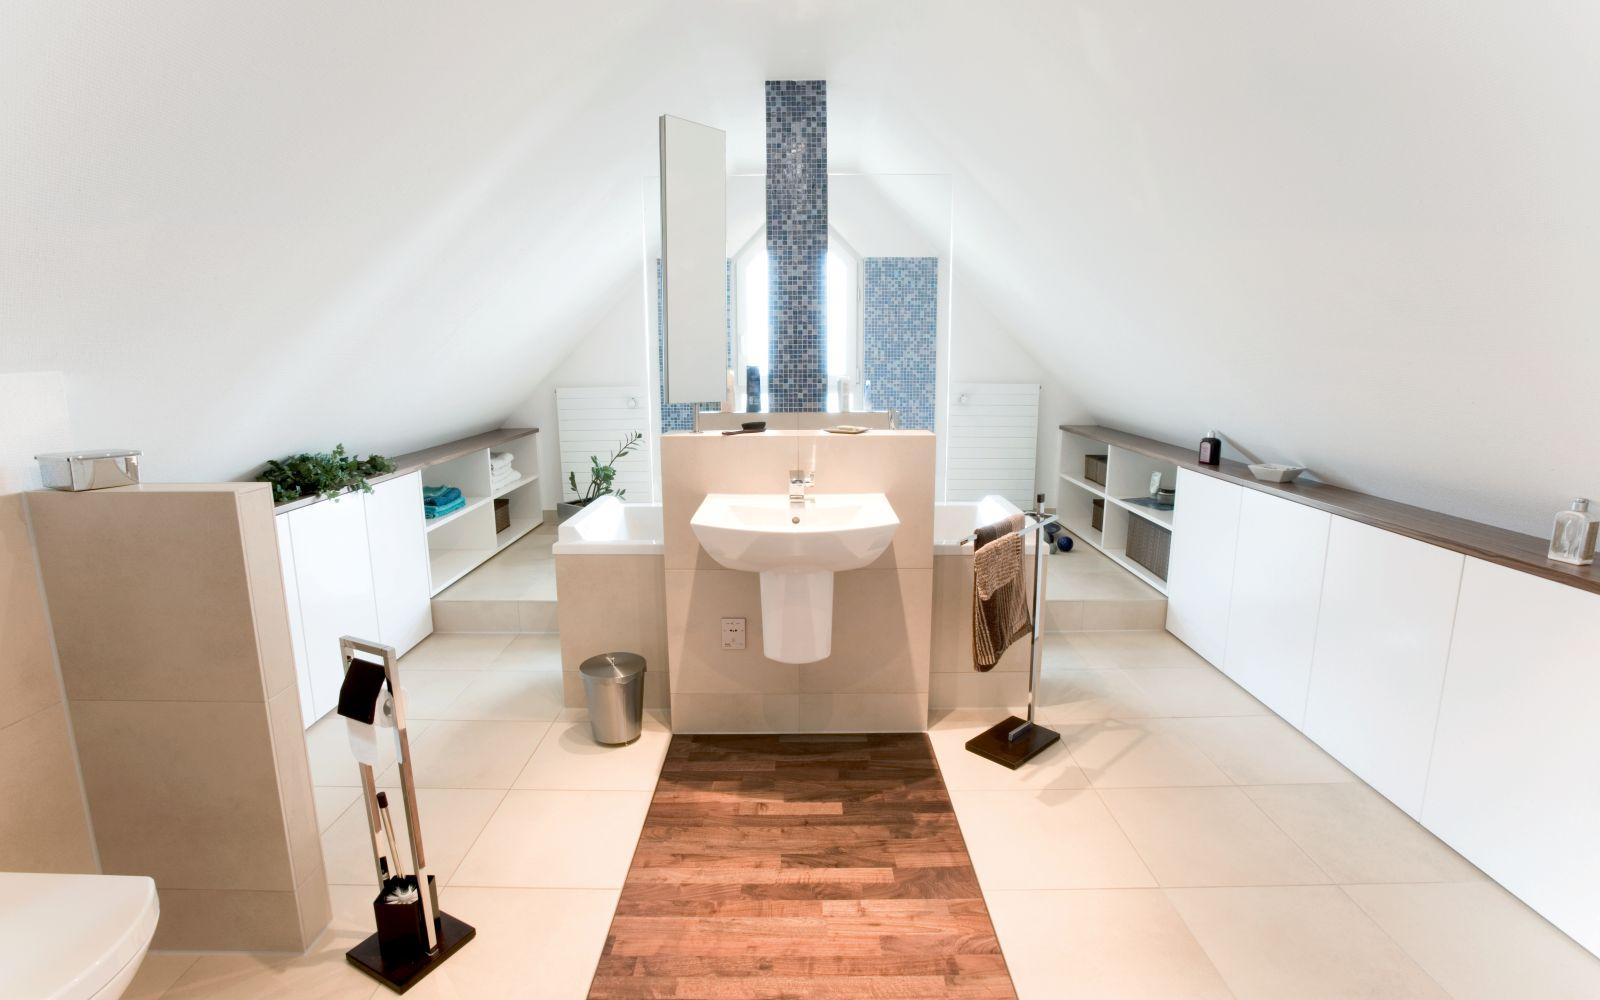 beste badstudios fachhandwerk mundle mundle. Black Bedroom Furniture Sets. Home Design Ideas